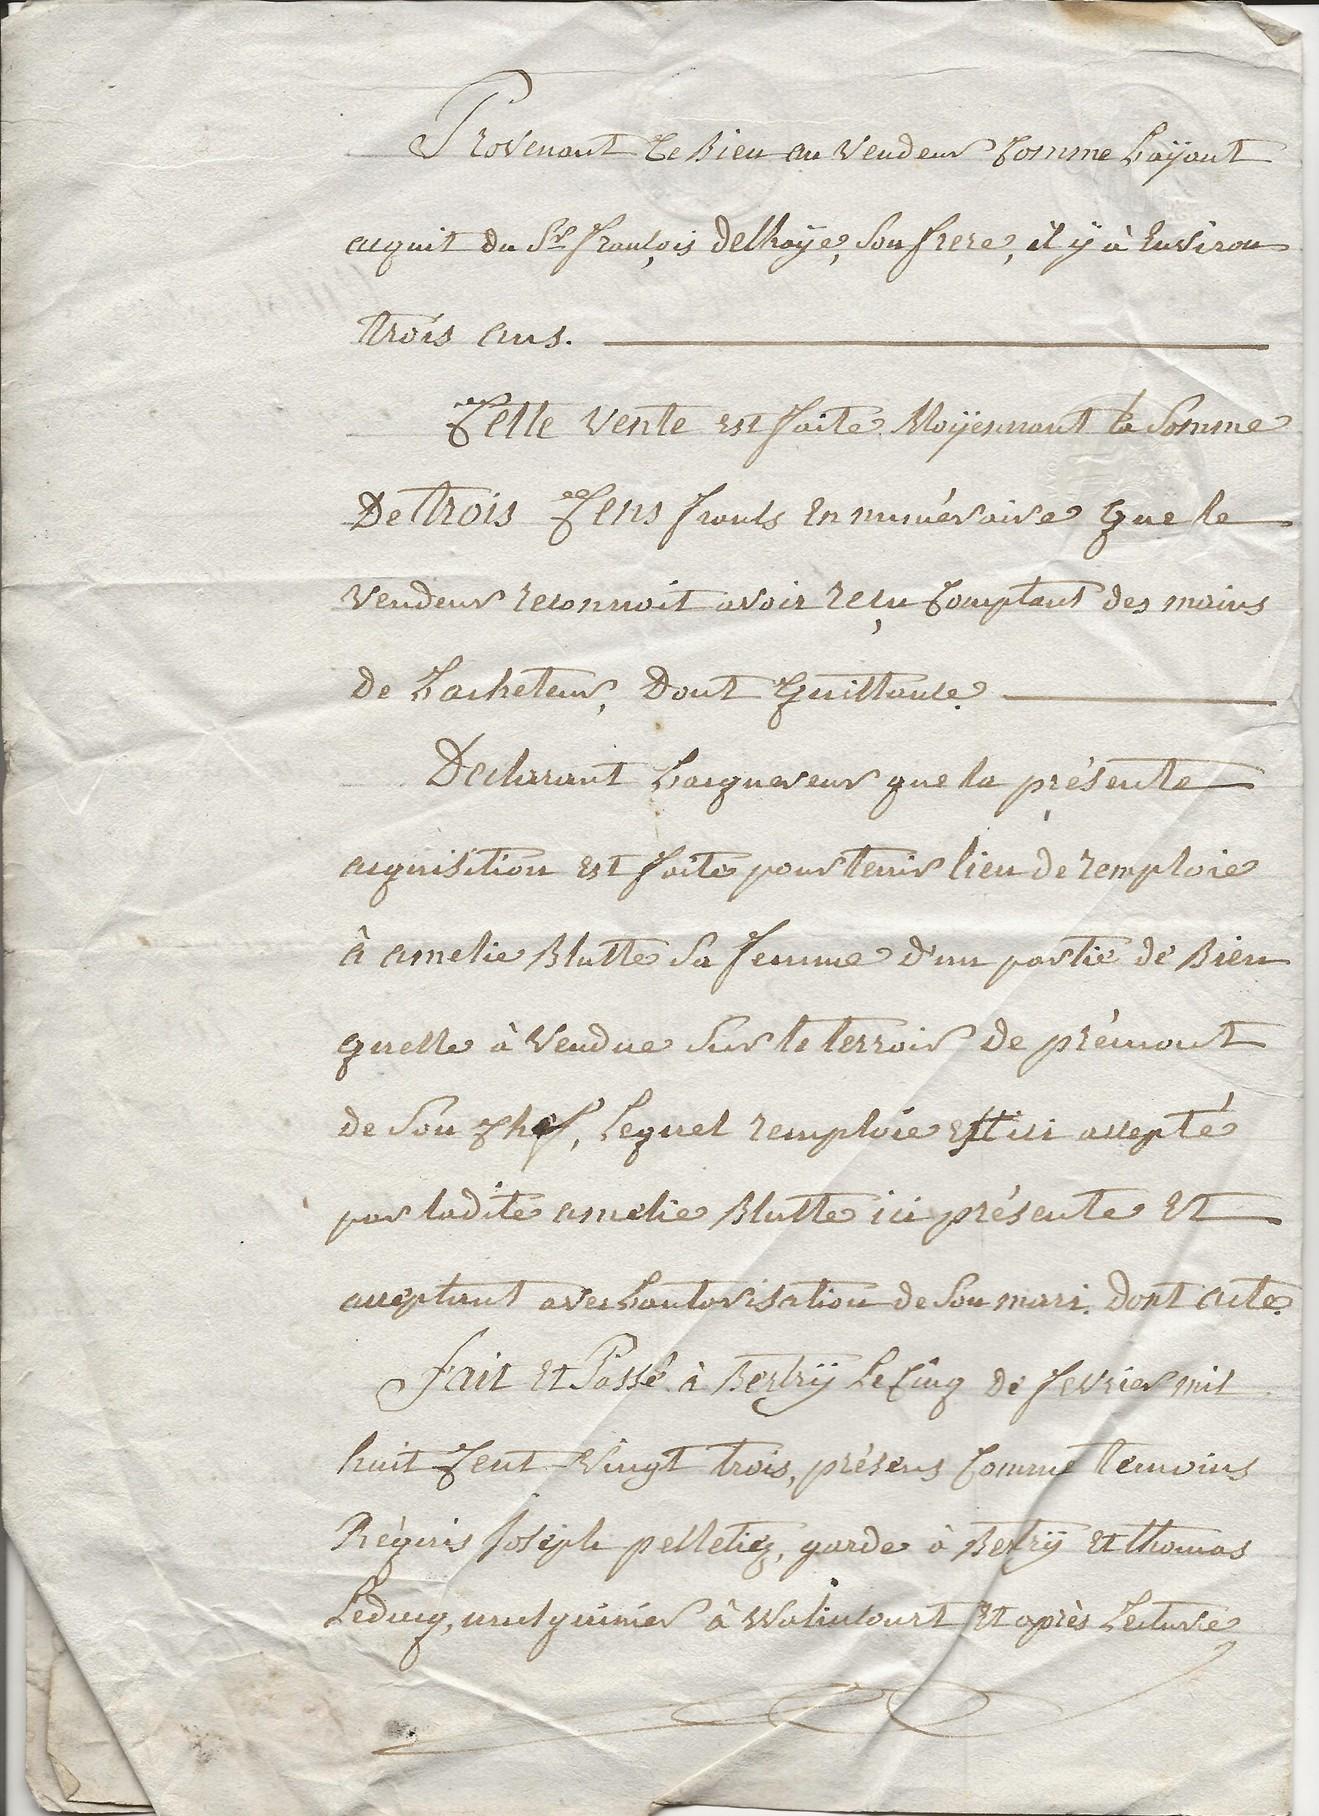 1823 vente terrain jacques delhaye a pierre jh pruvot 002